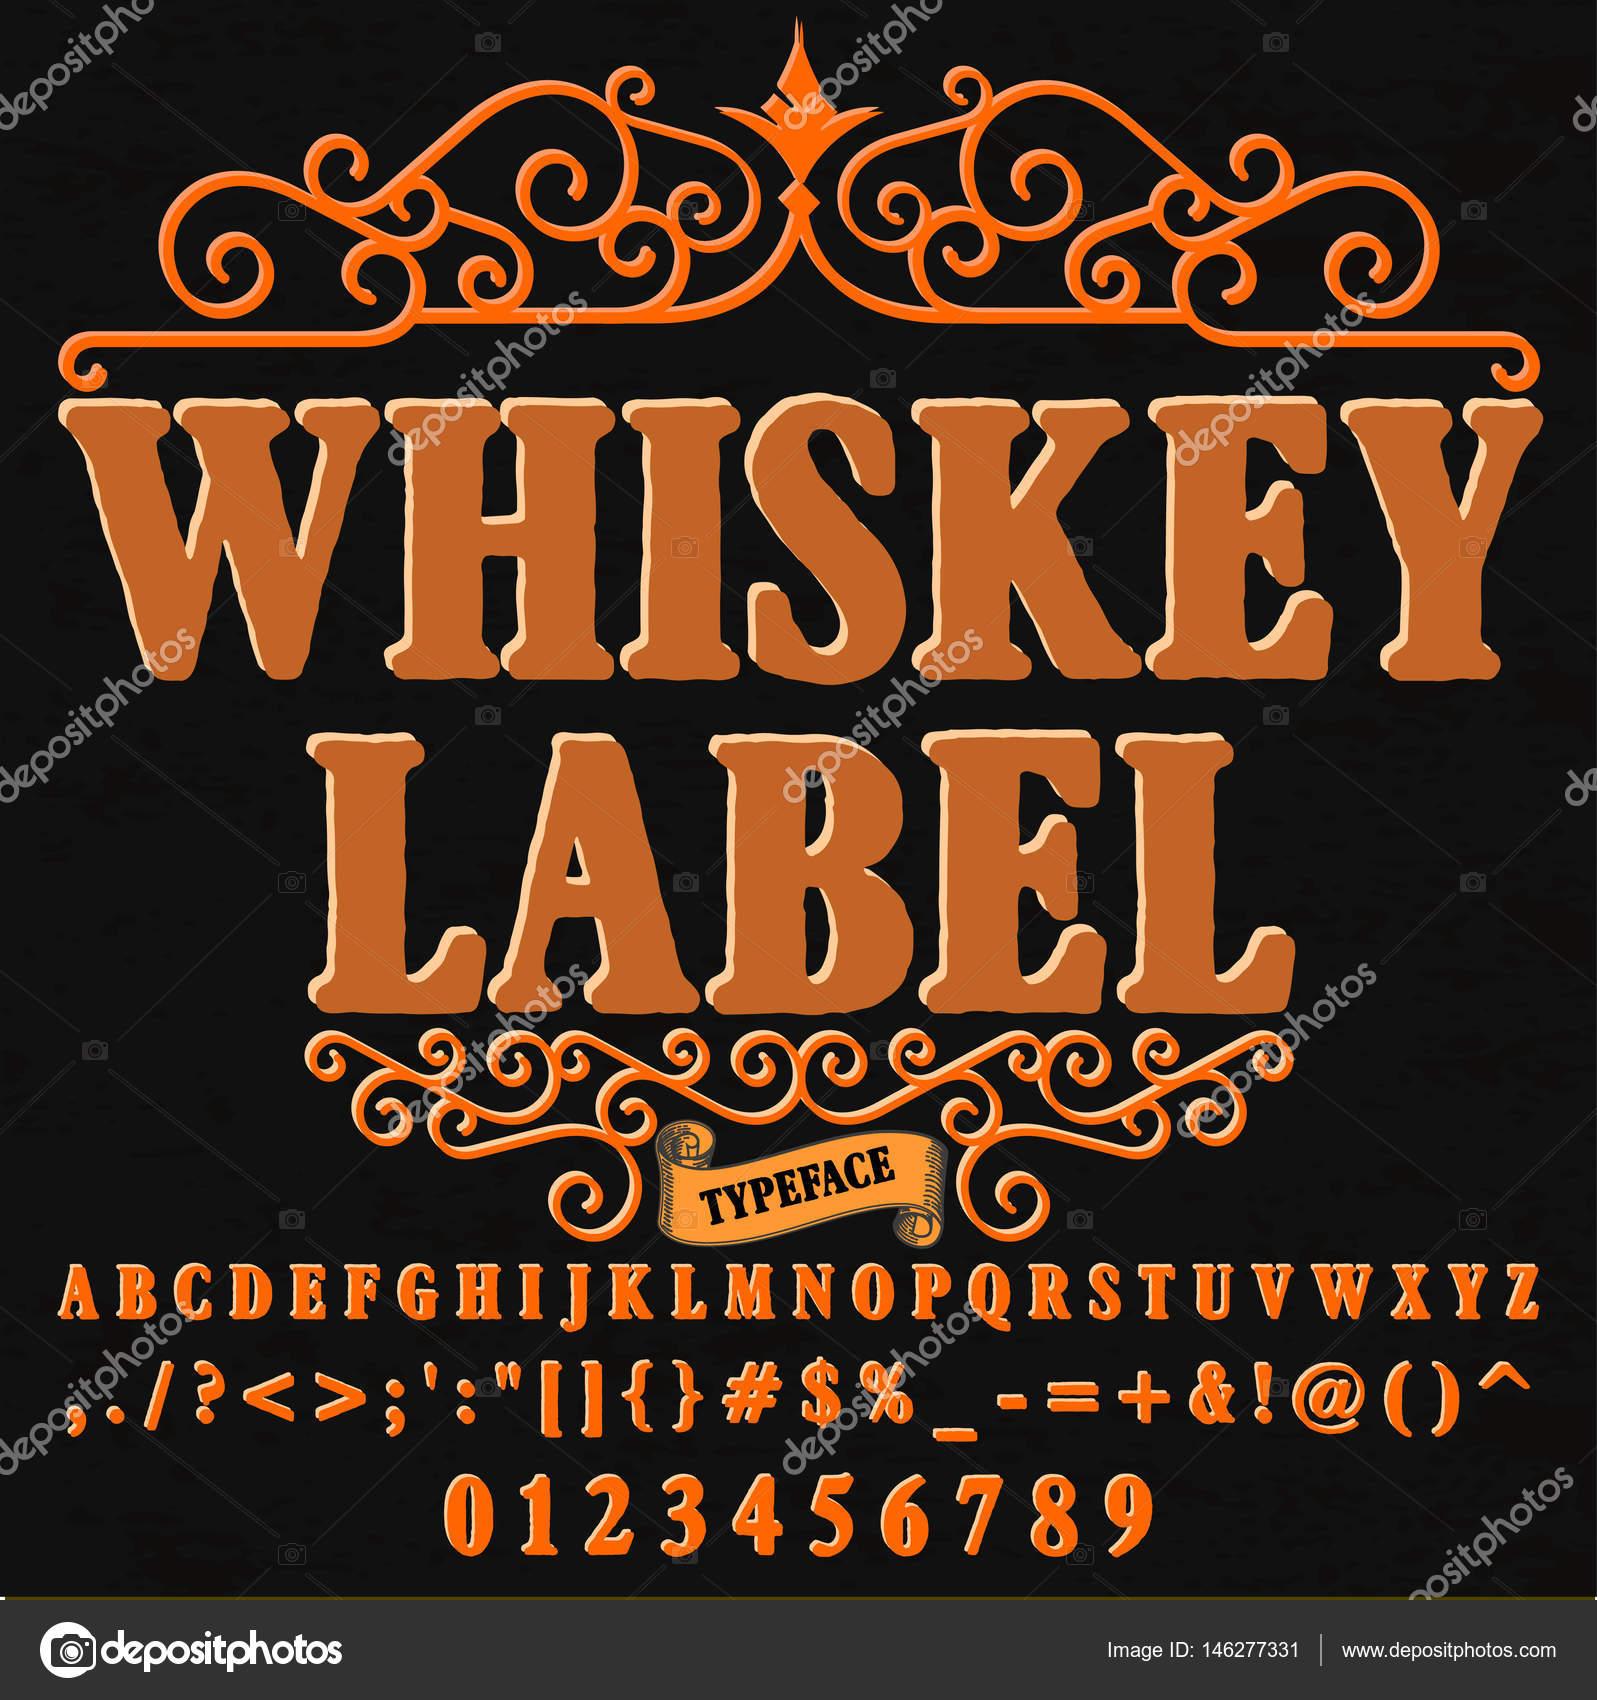 Script Font Tipografía Whisky Etiqueta Vintage Script Fuente